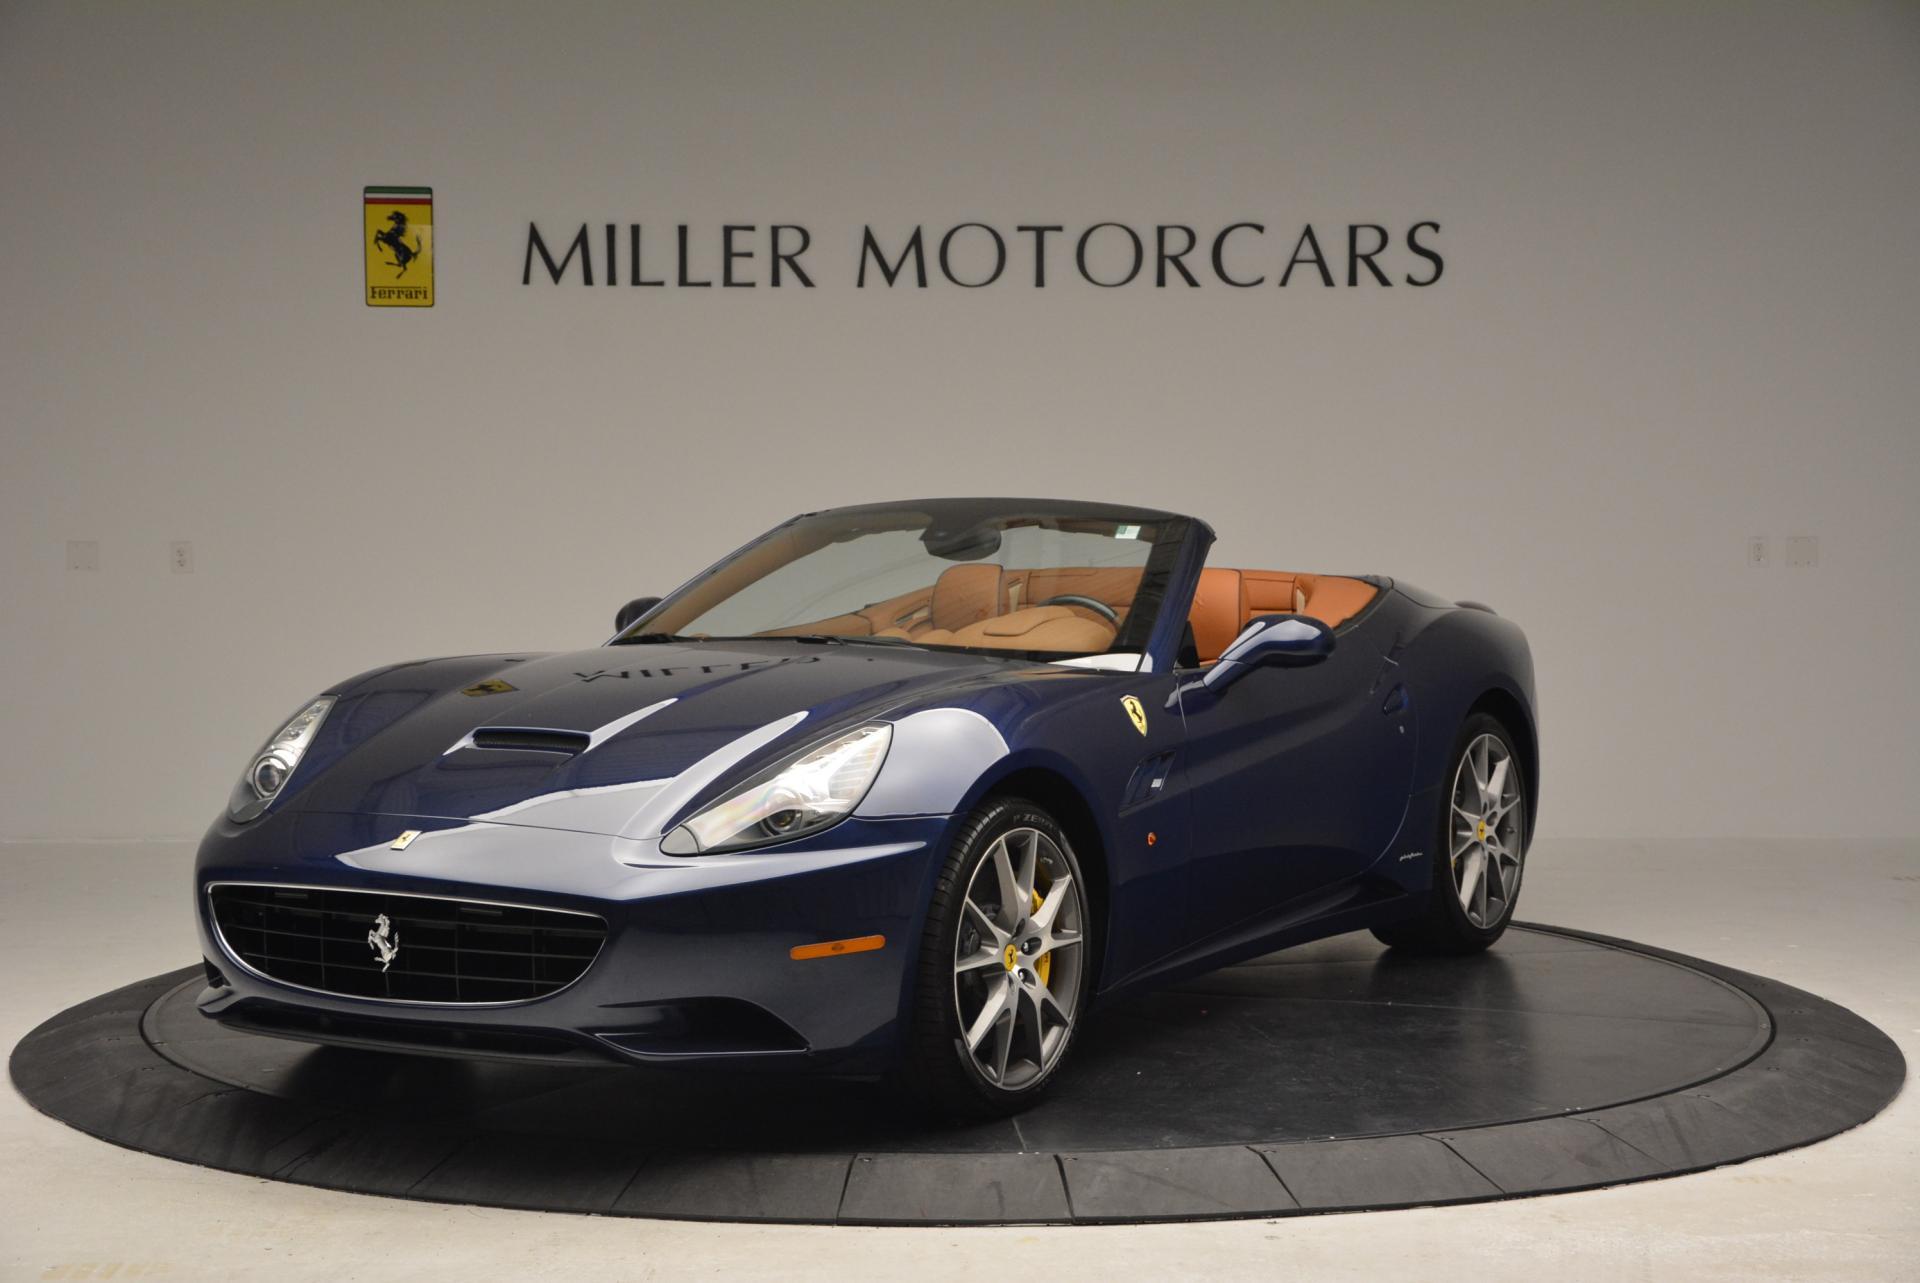 Used 2010 Ferrari California for sale Sold at Alfa Romeo of Westport in Westport CT 06880 1